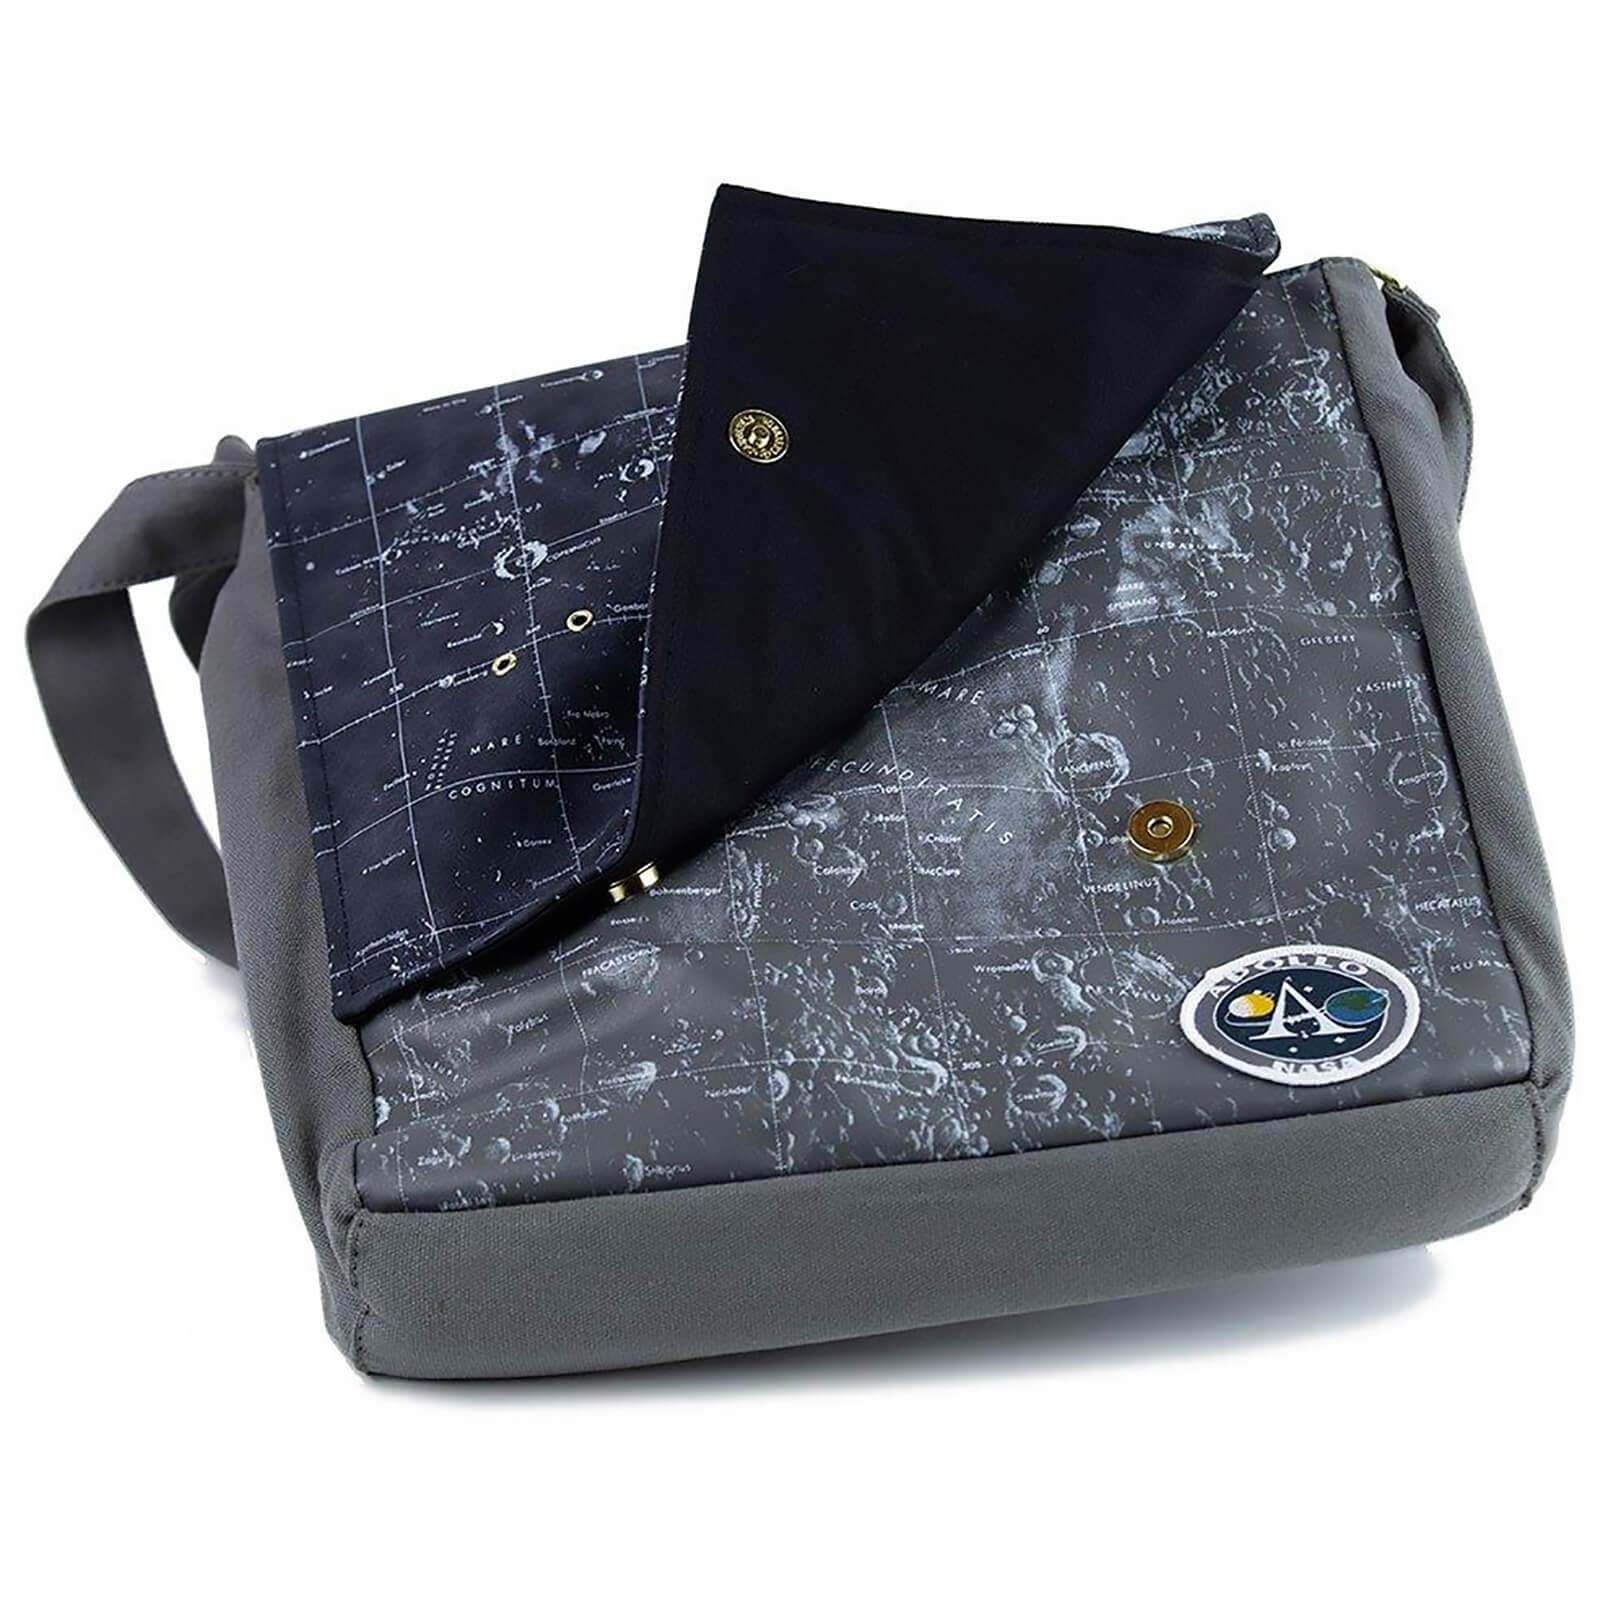 Coop NASA Apollo Mini Messenger Bag-